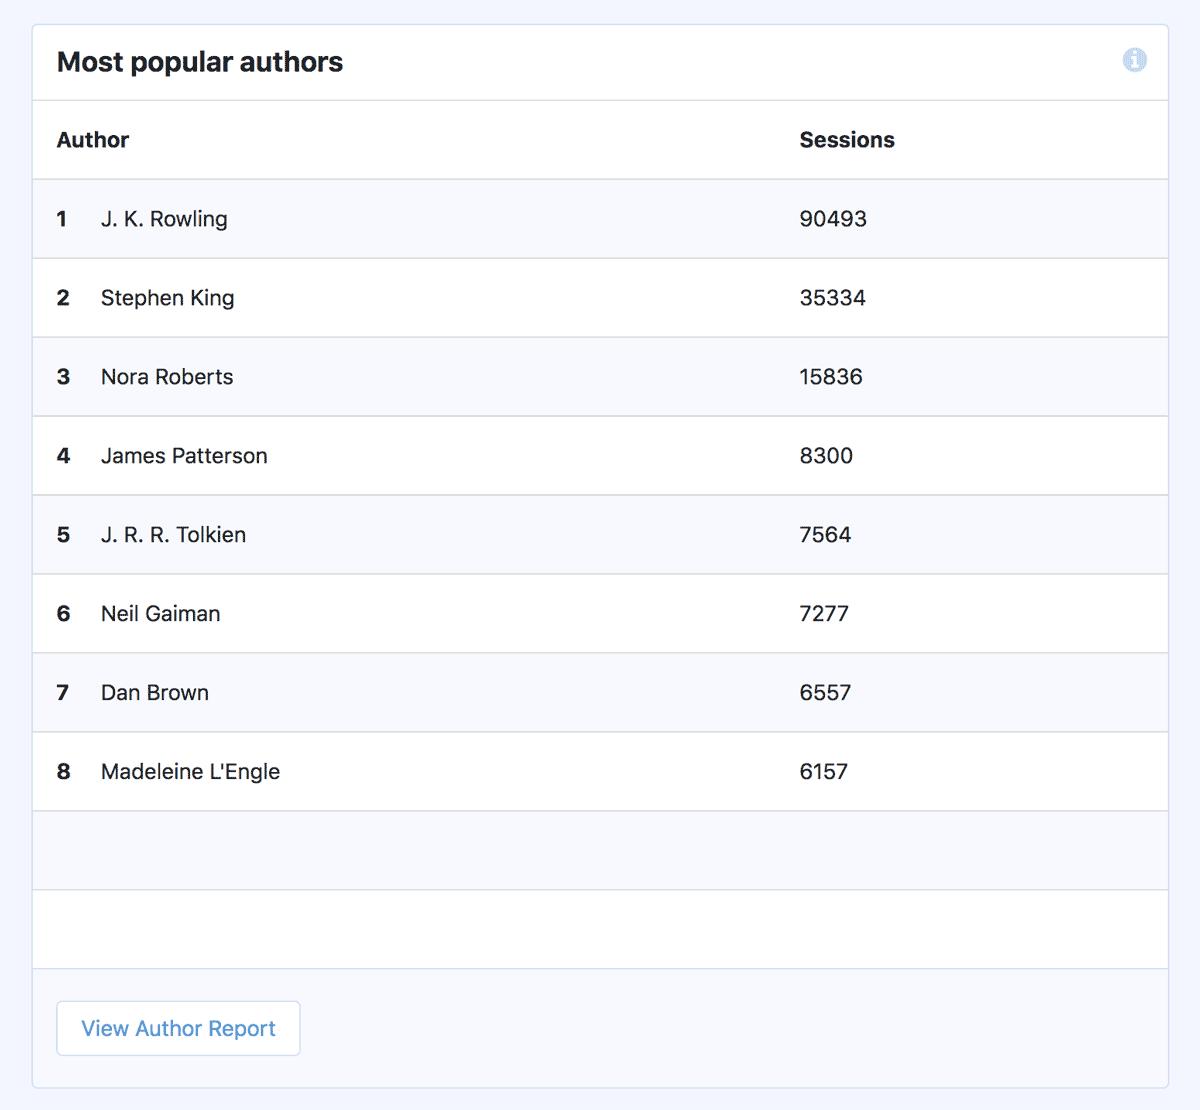 Auteurs les plus populaires - Rapport sur les dimensions personnalisées - MonsterInsights